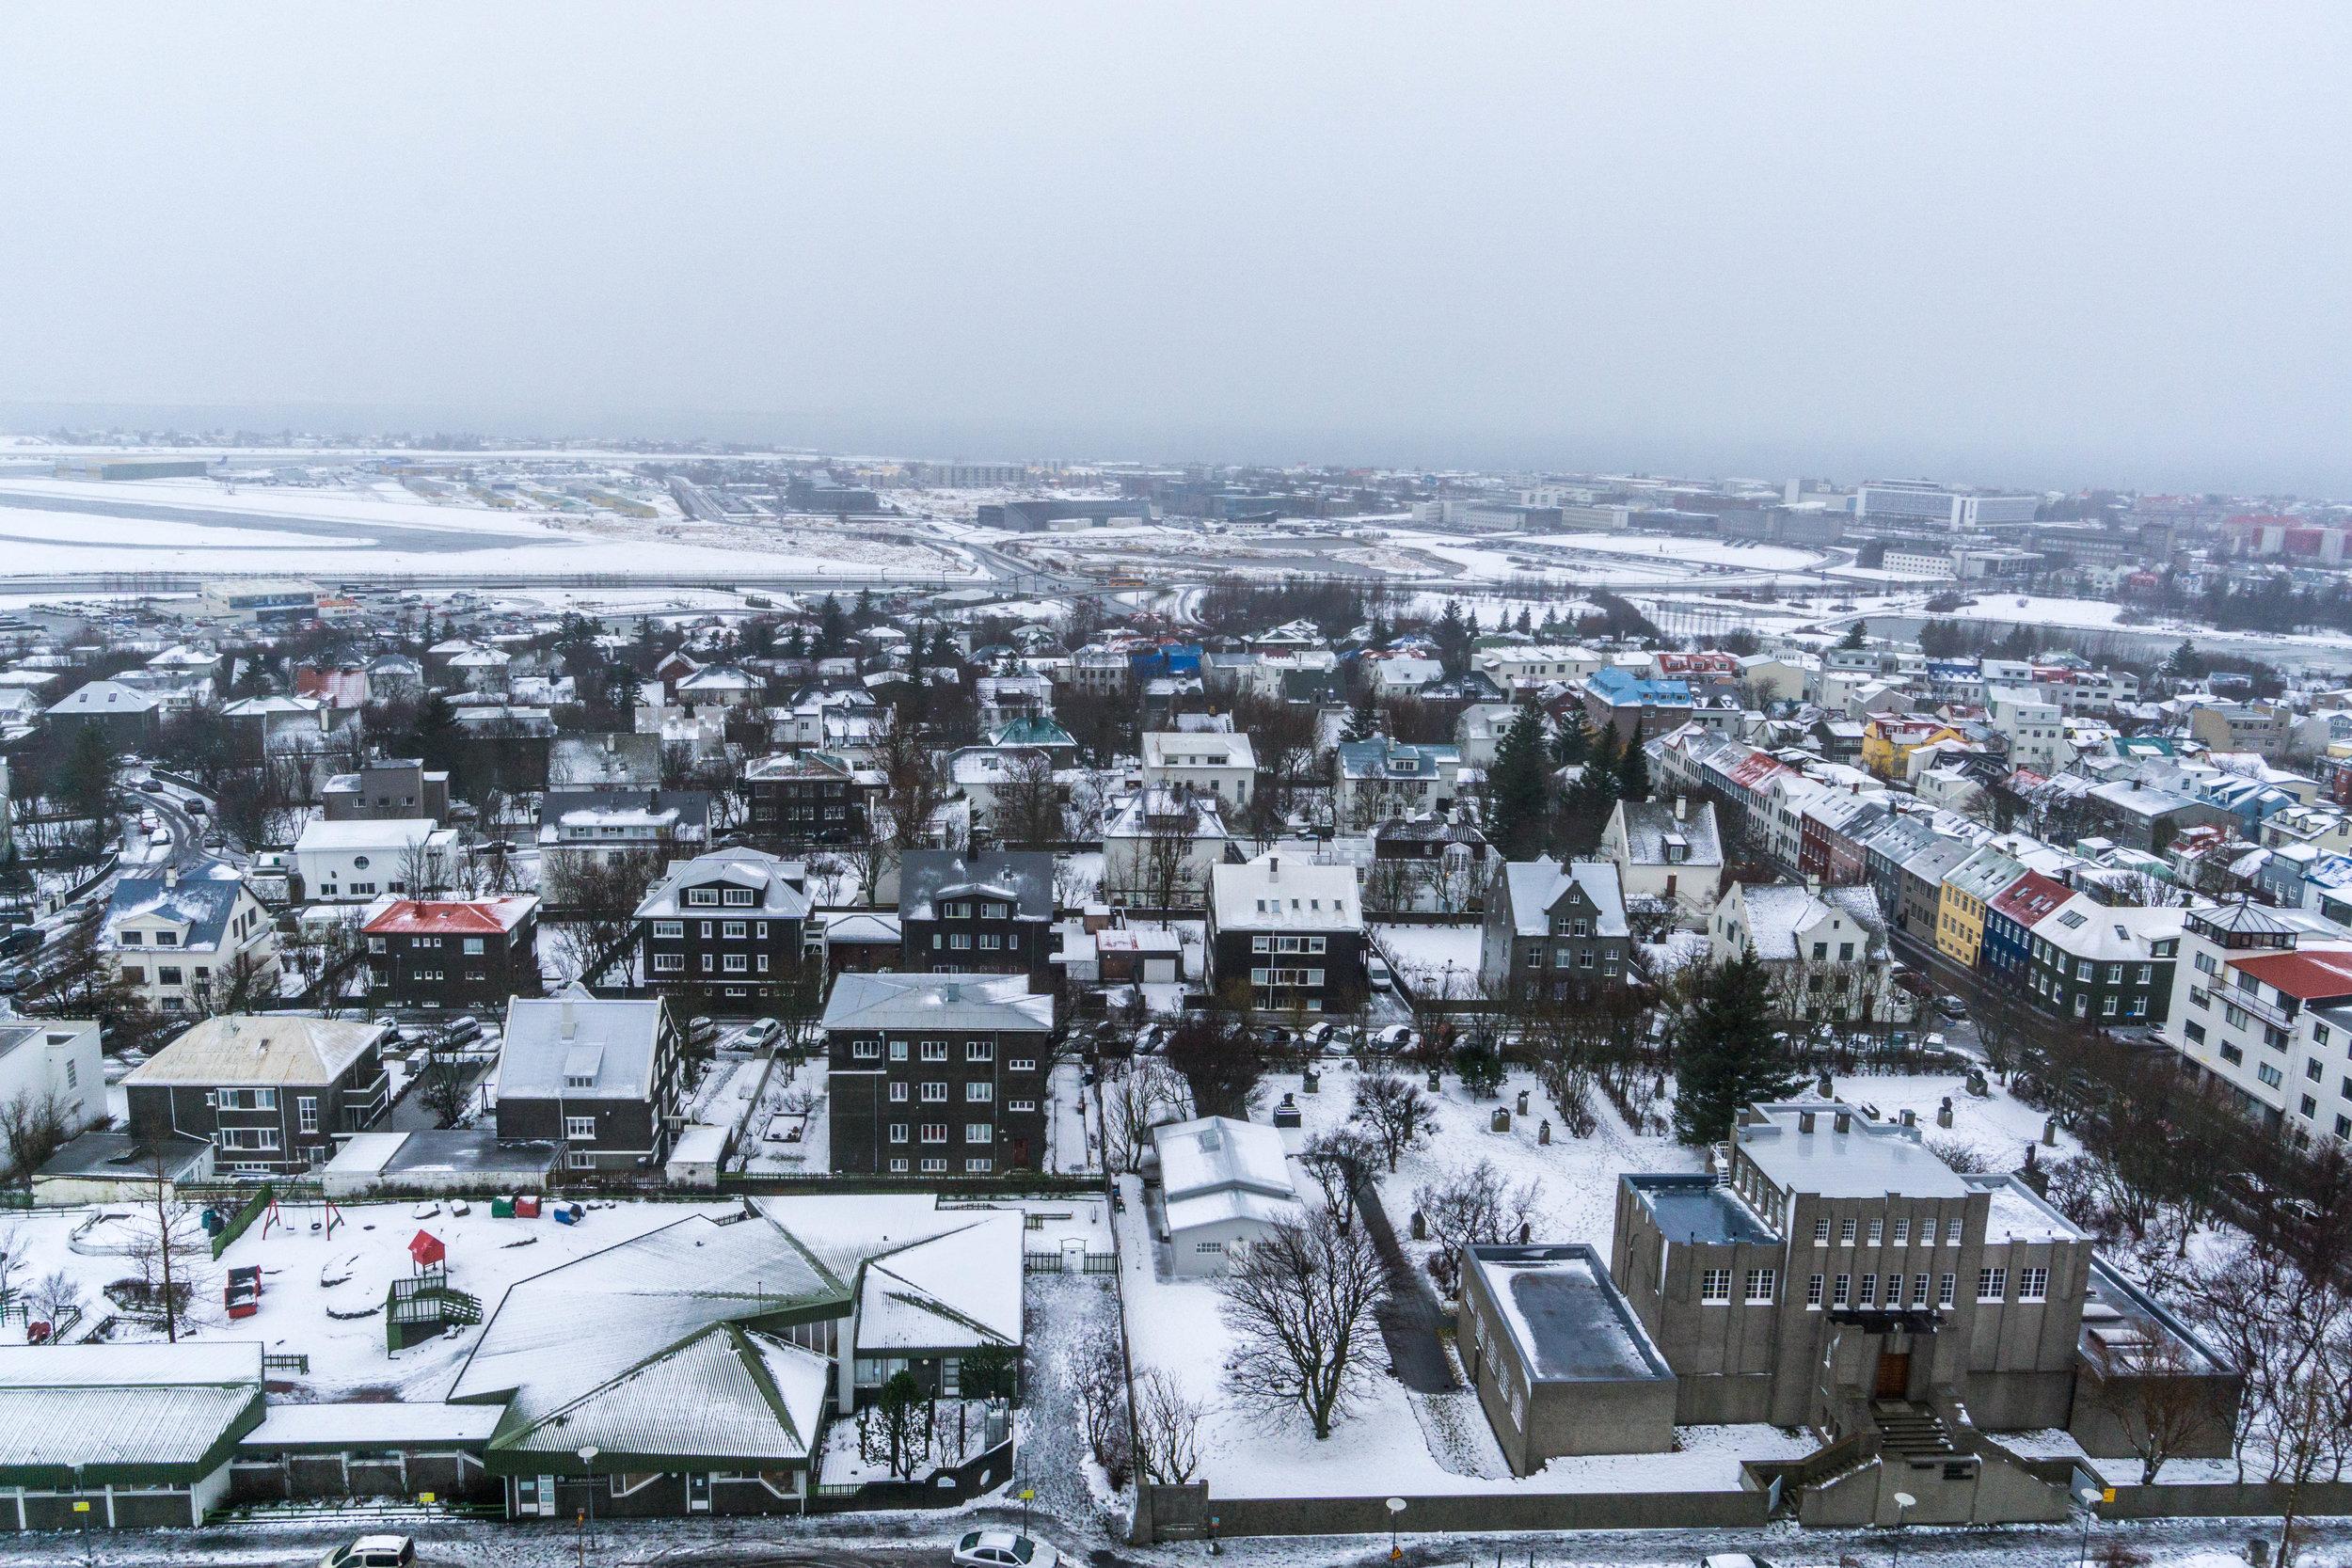 Feels like Christmas again. Top view of downtown Reykjavík.